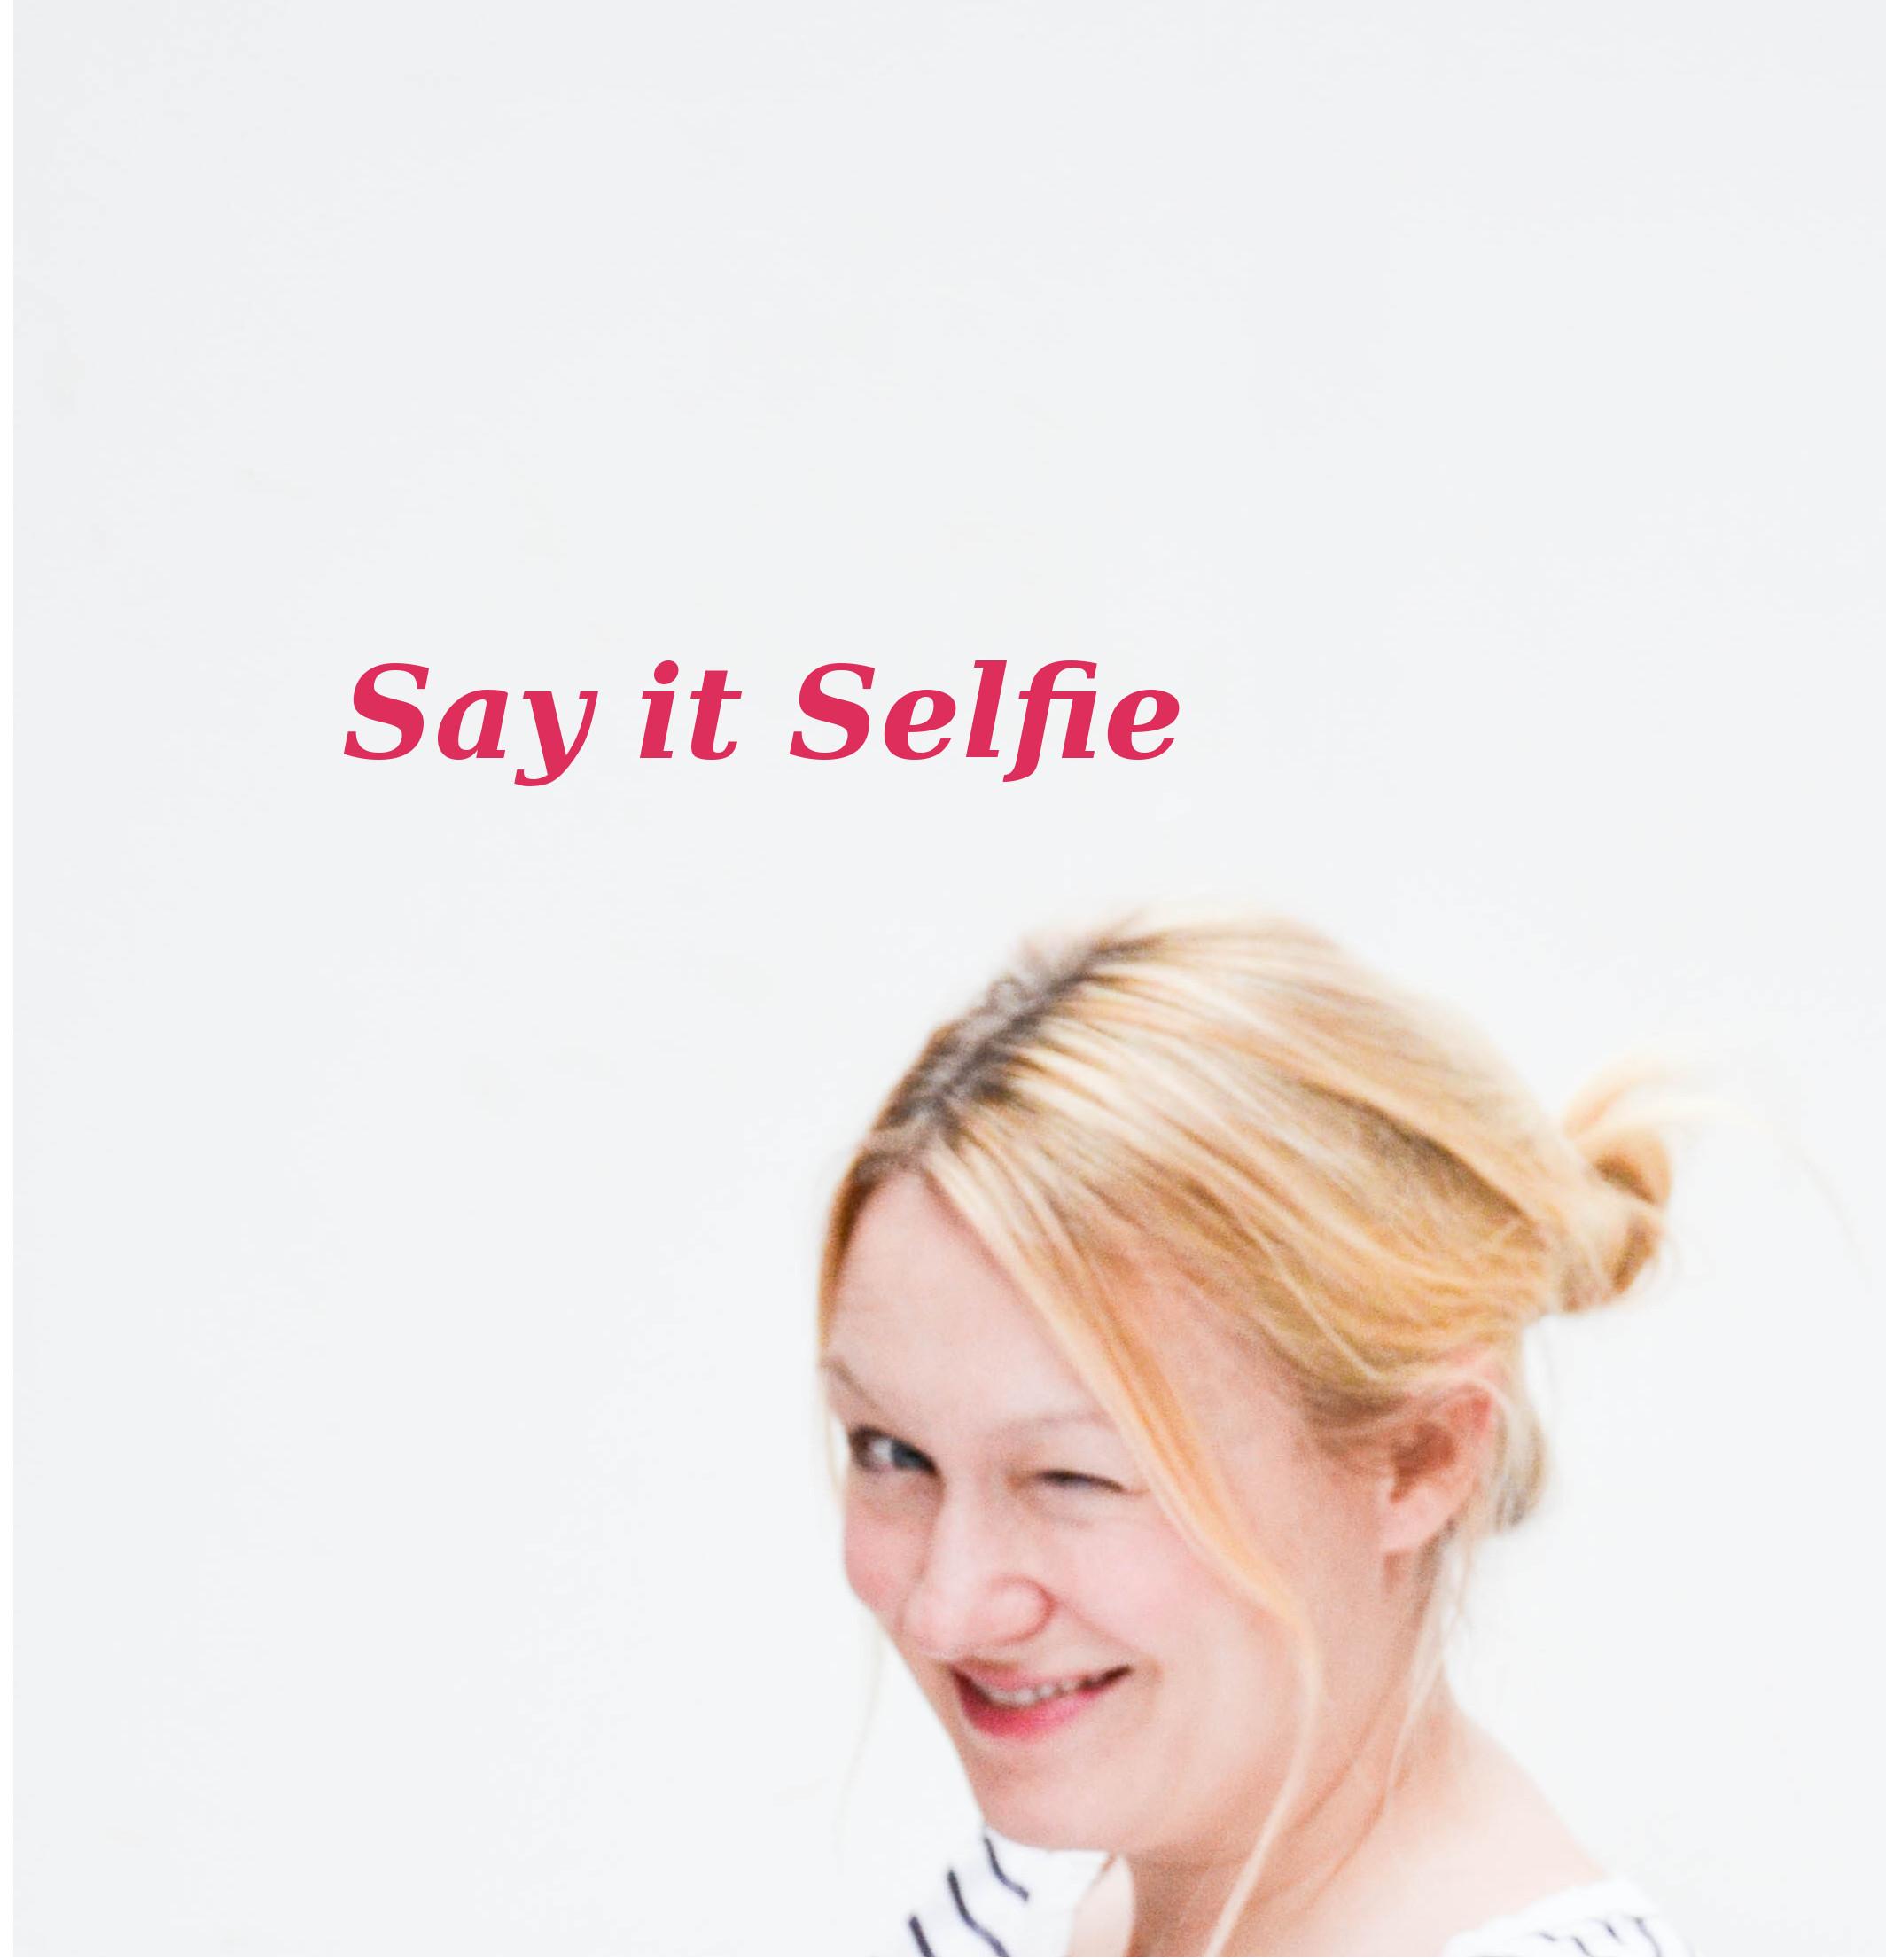 Say it Selfie